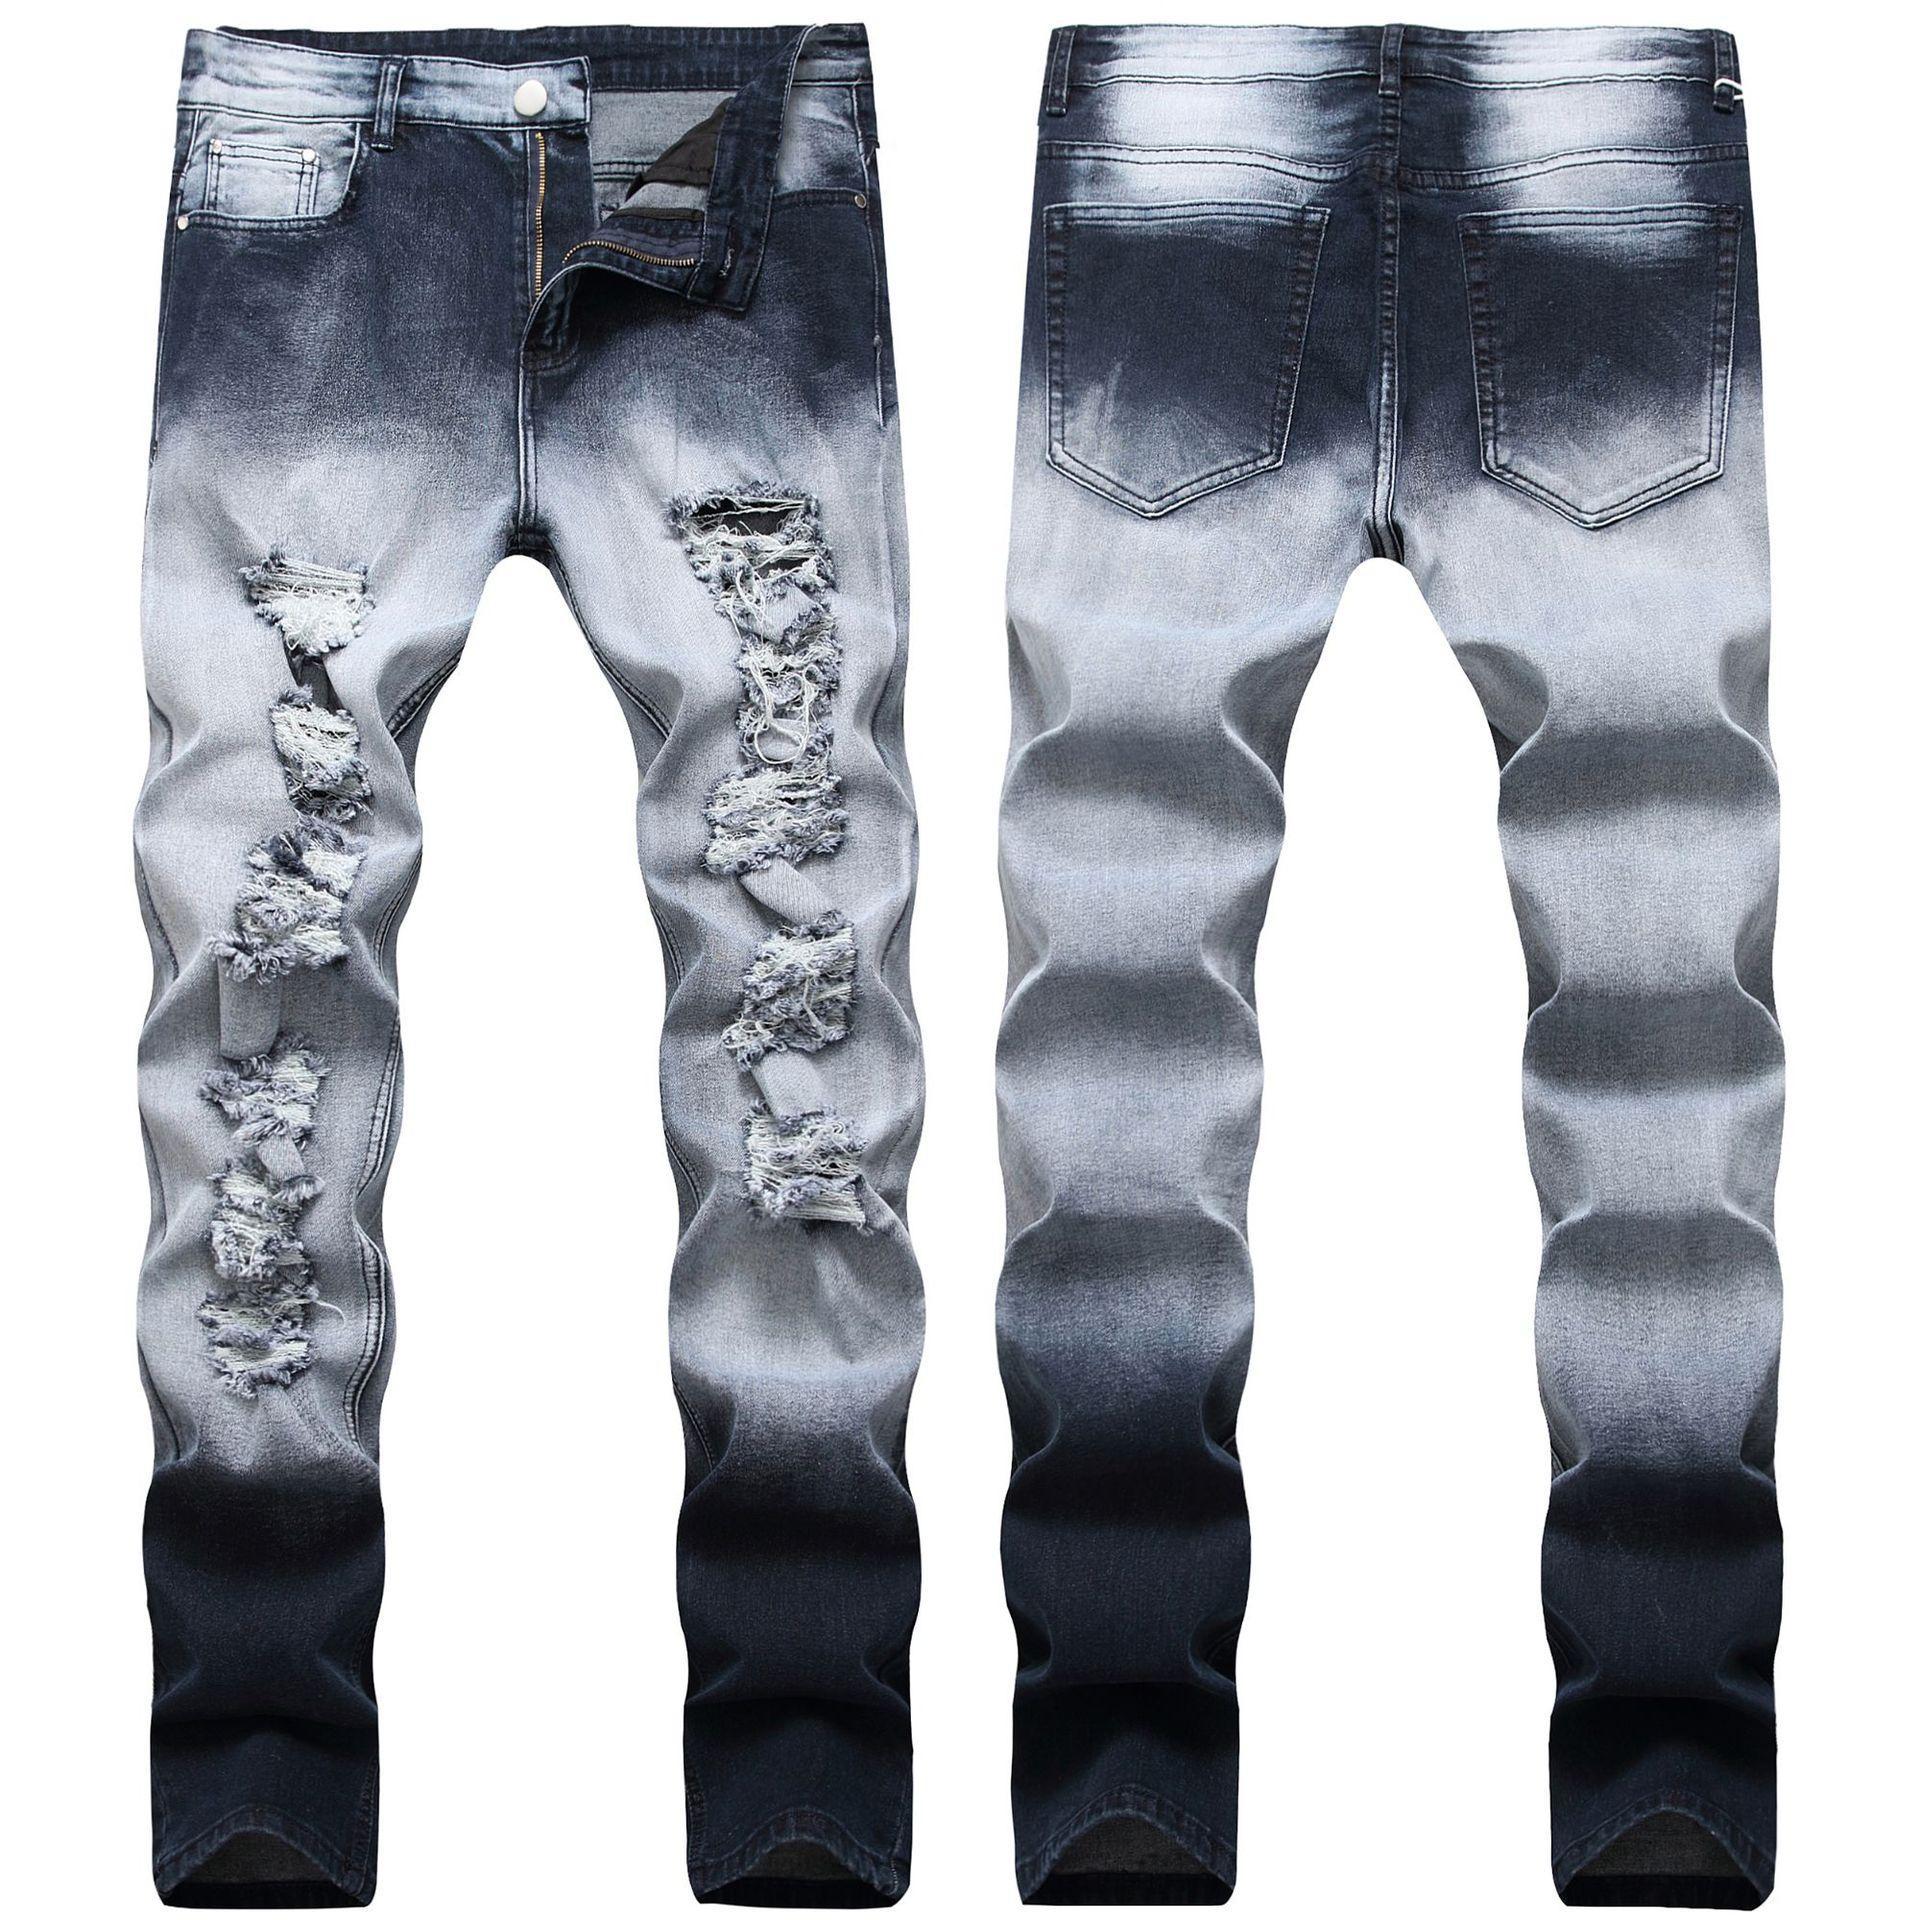 Sıska Erkek Mavi Kot Serin Erkekler Kot Streç Slim Fit Düz Denim Biker Jeans Hip Hop Erkekler Streetwear 1981 #